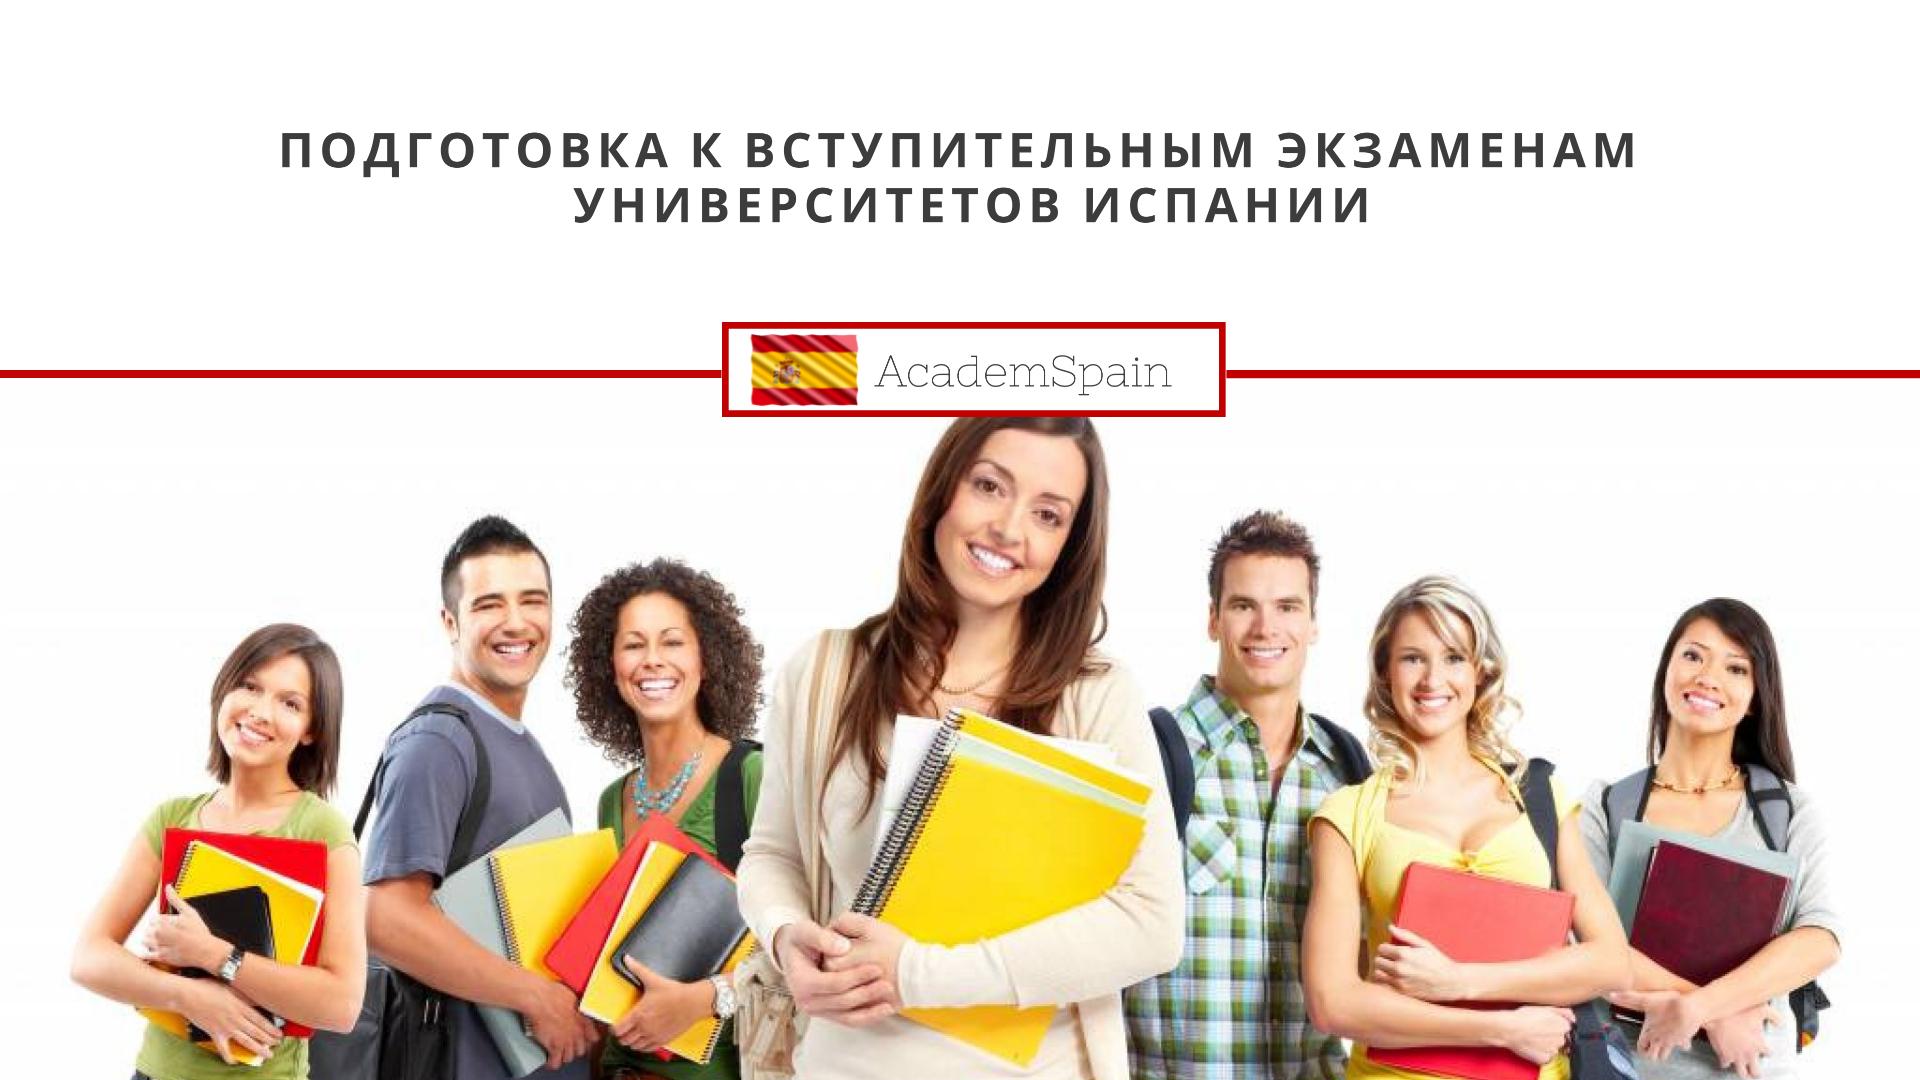 Подготовка к вступительным экзаменам университетов Испании